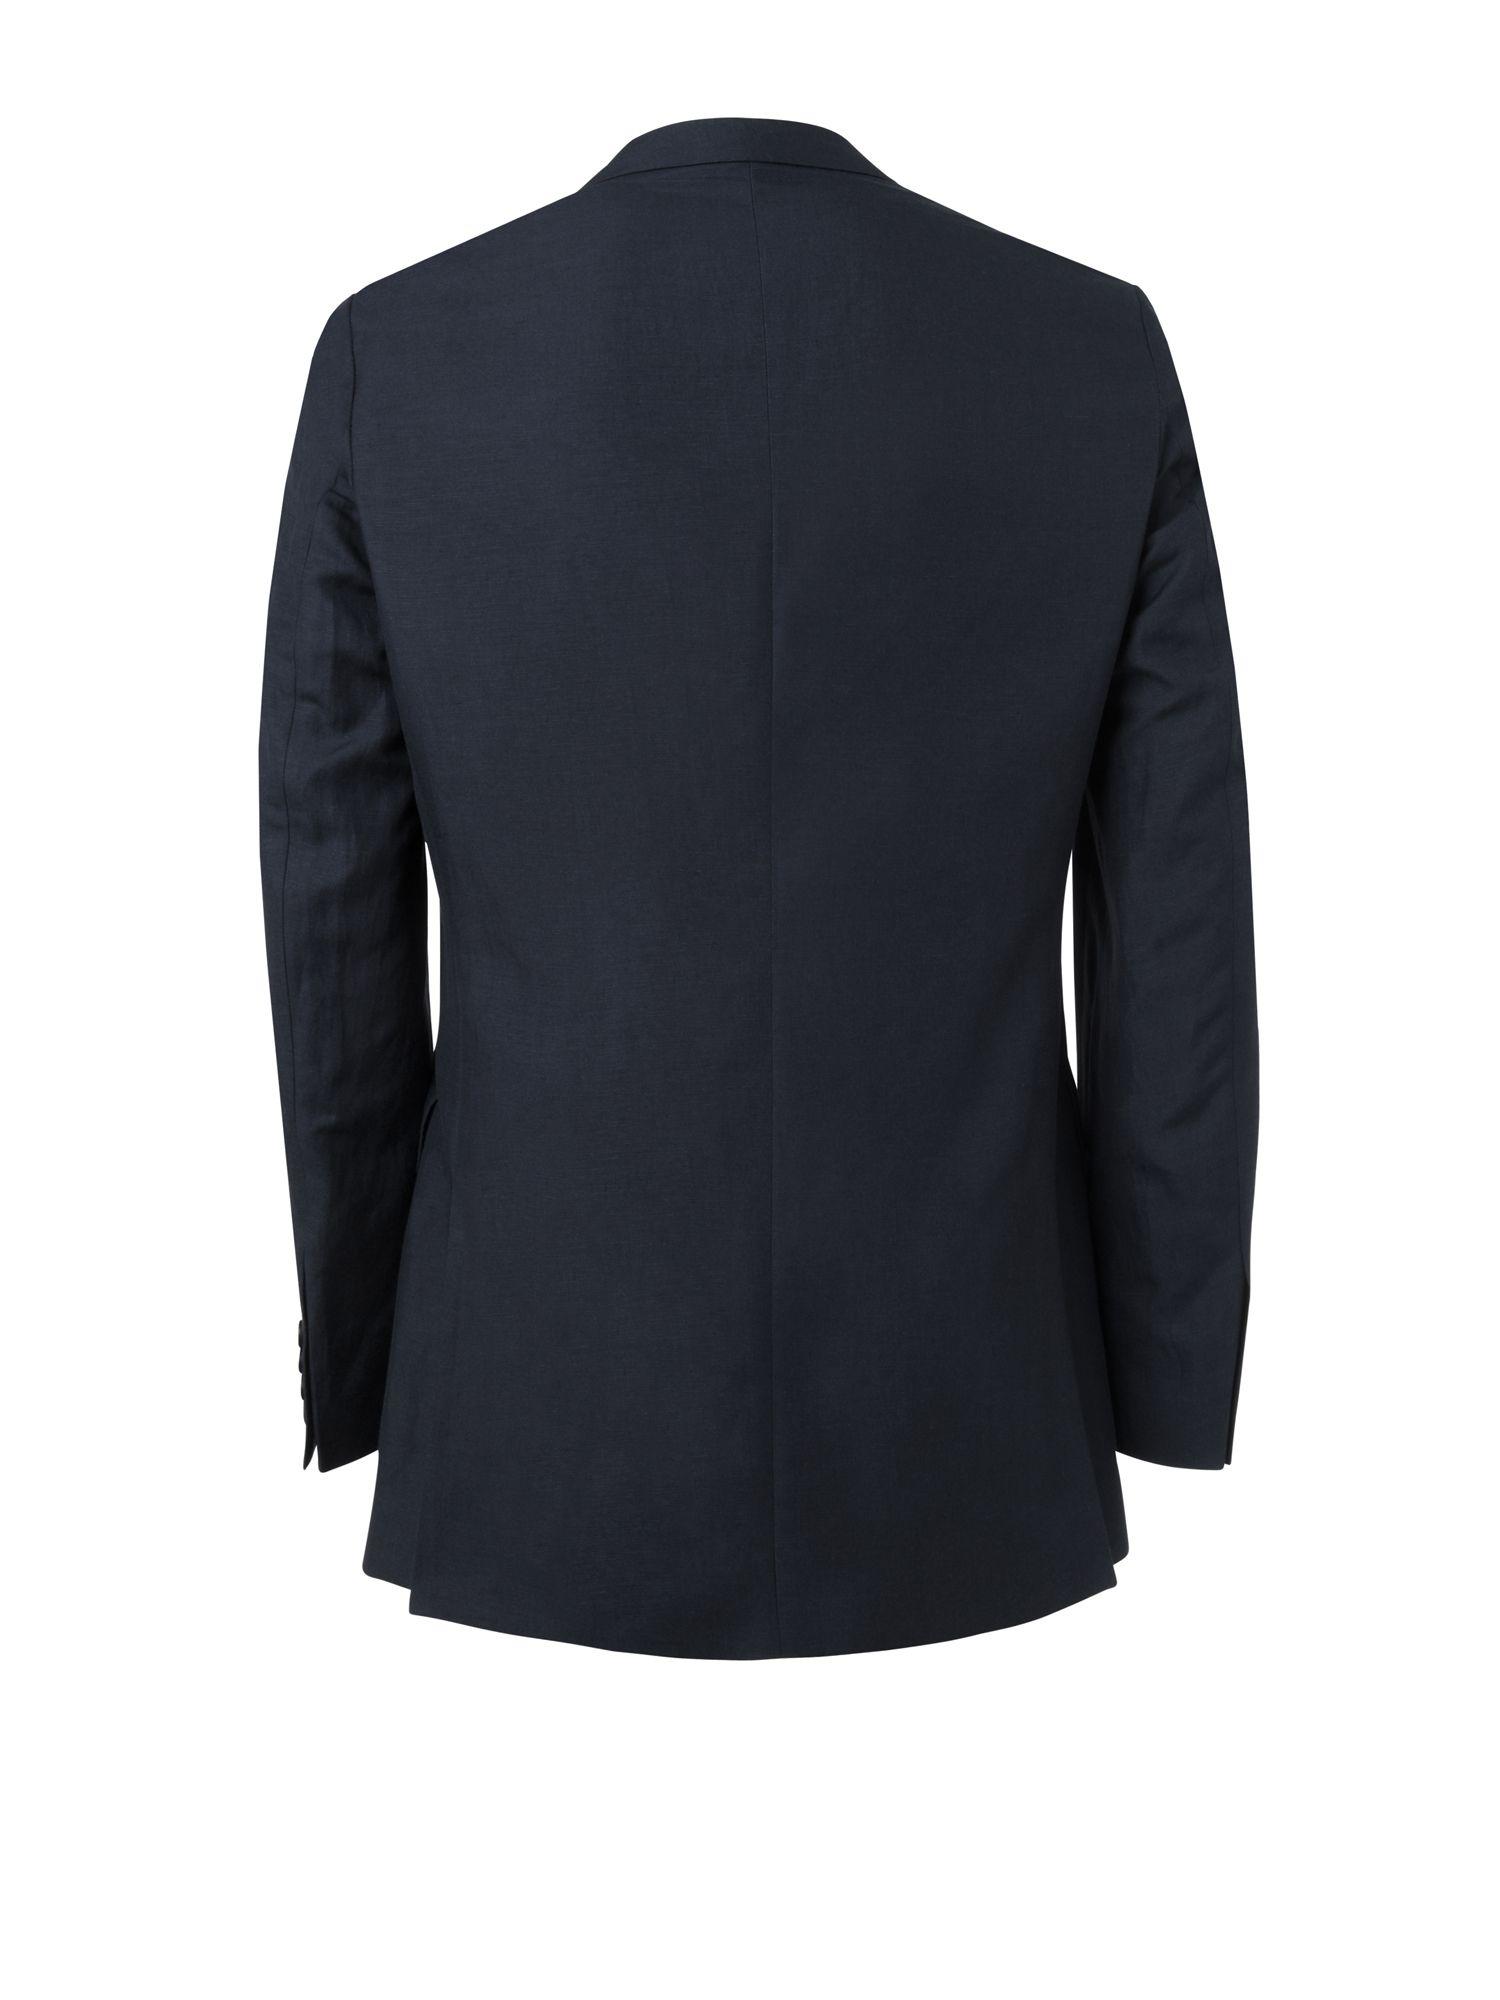 Jaeger Silk Linen Jacket in Navy (Green) for Men